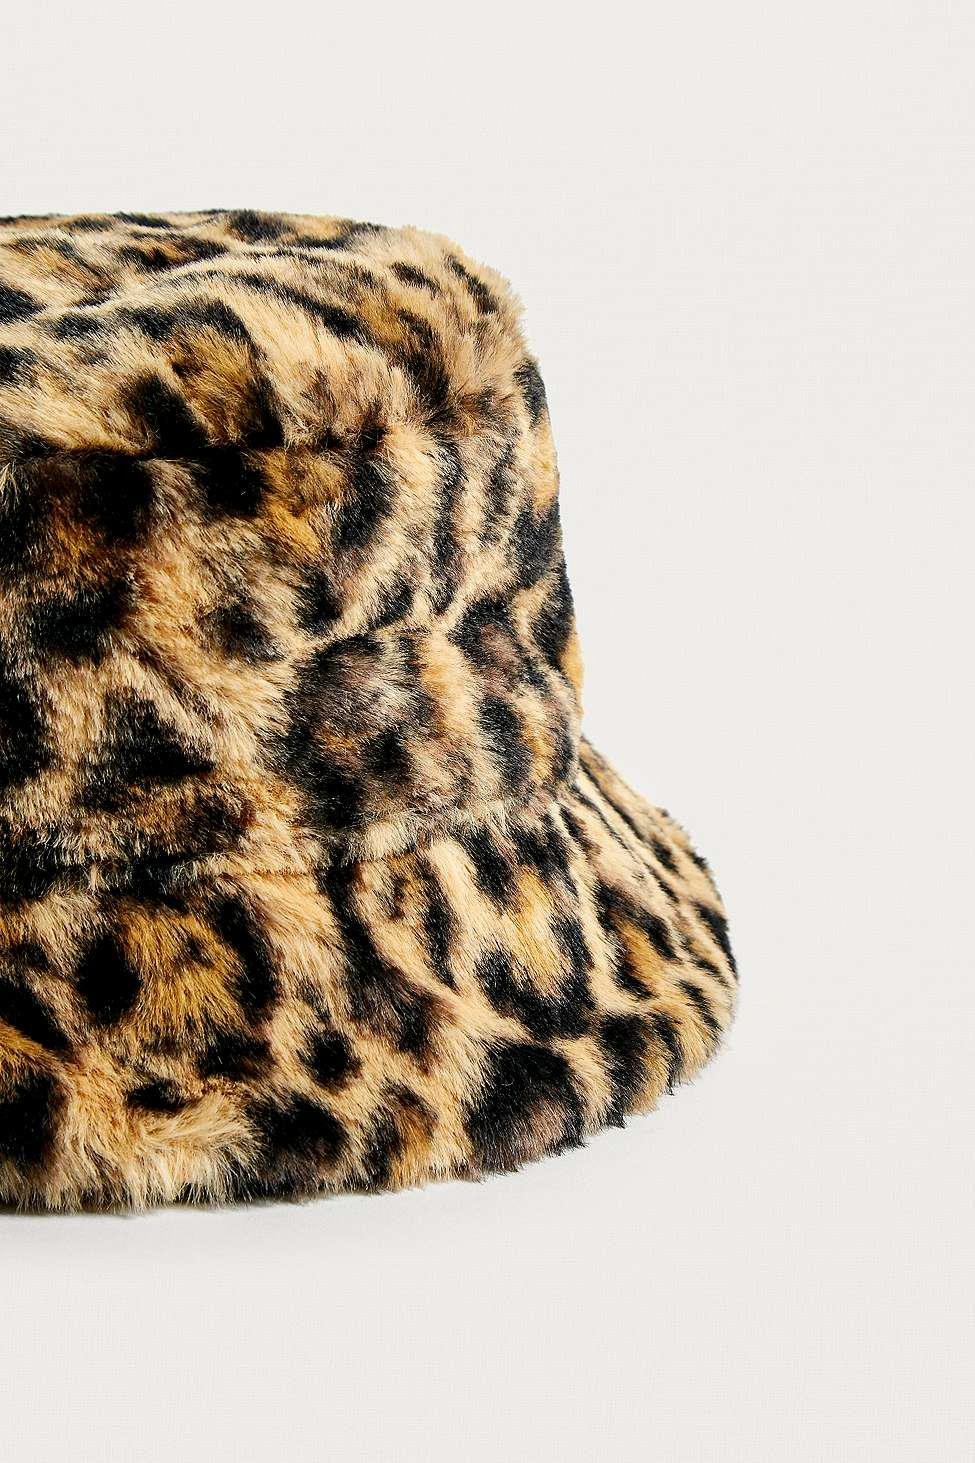 bd76d7985d8d5 Urban Outfitters Uo Reversible Leopard Print Faux Fur Bucket Hat ...